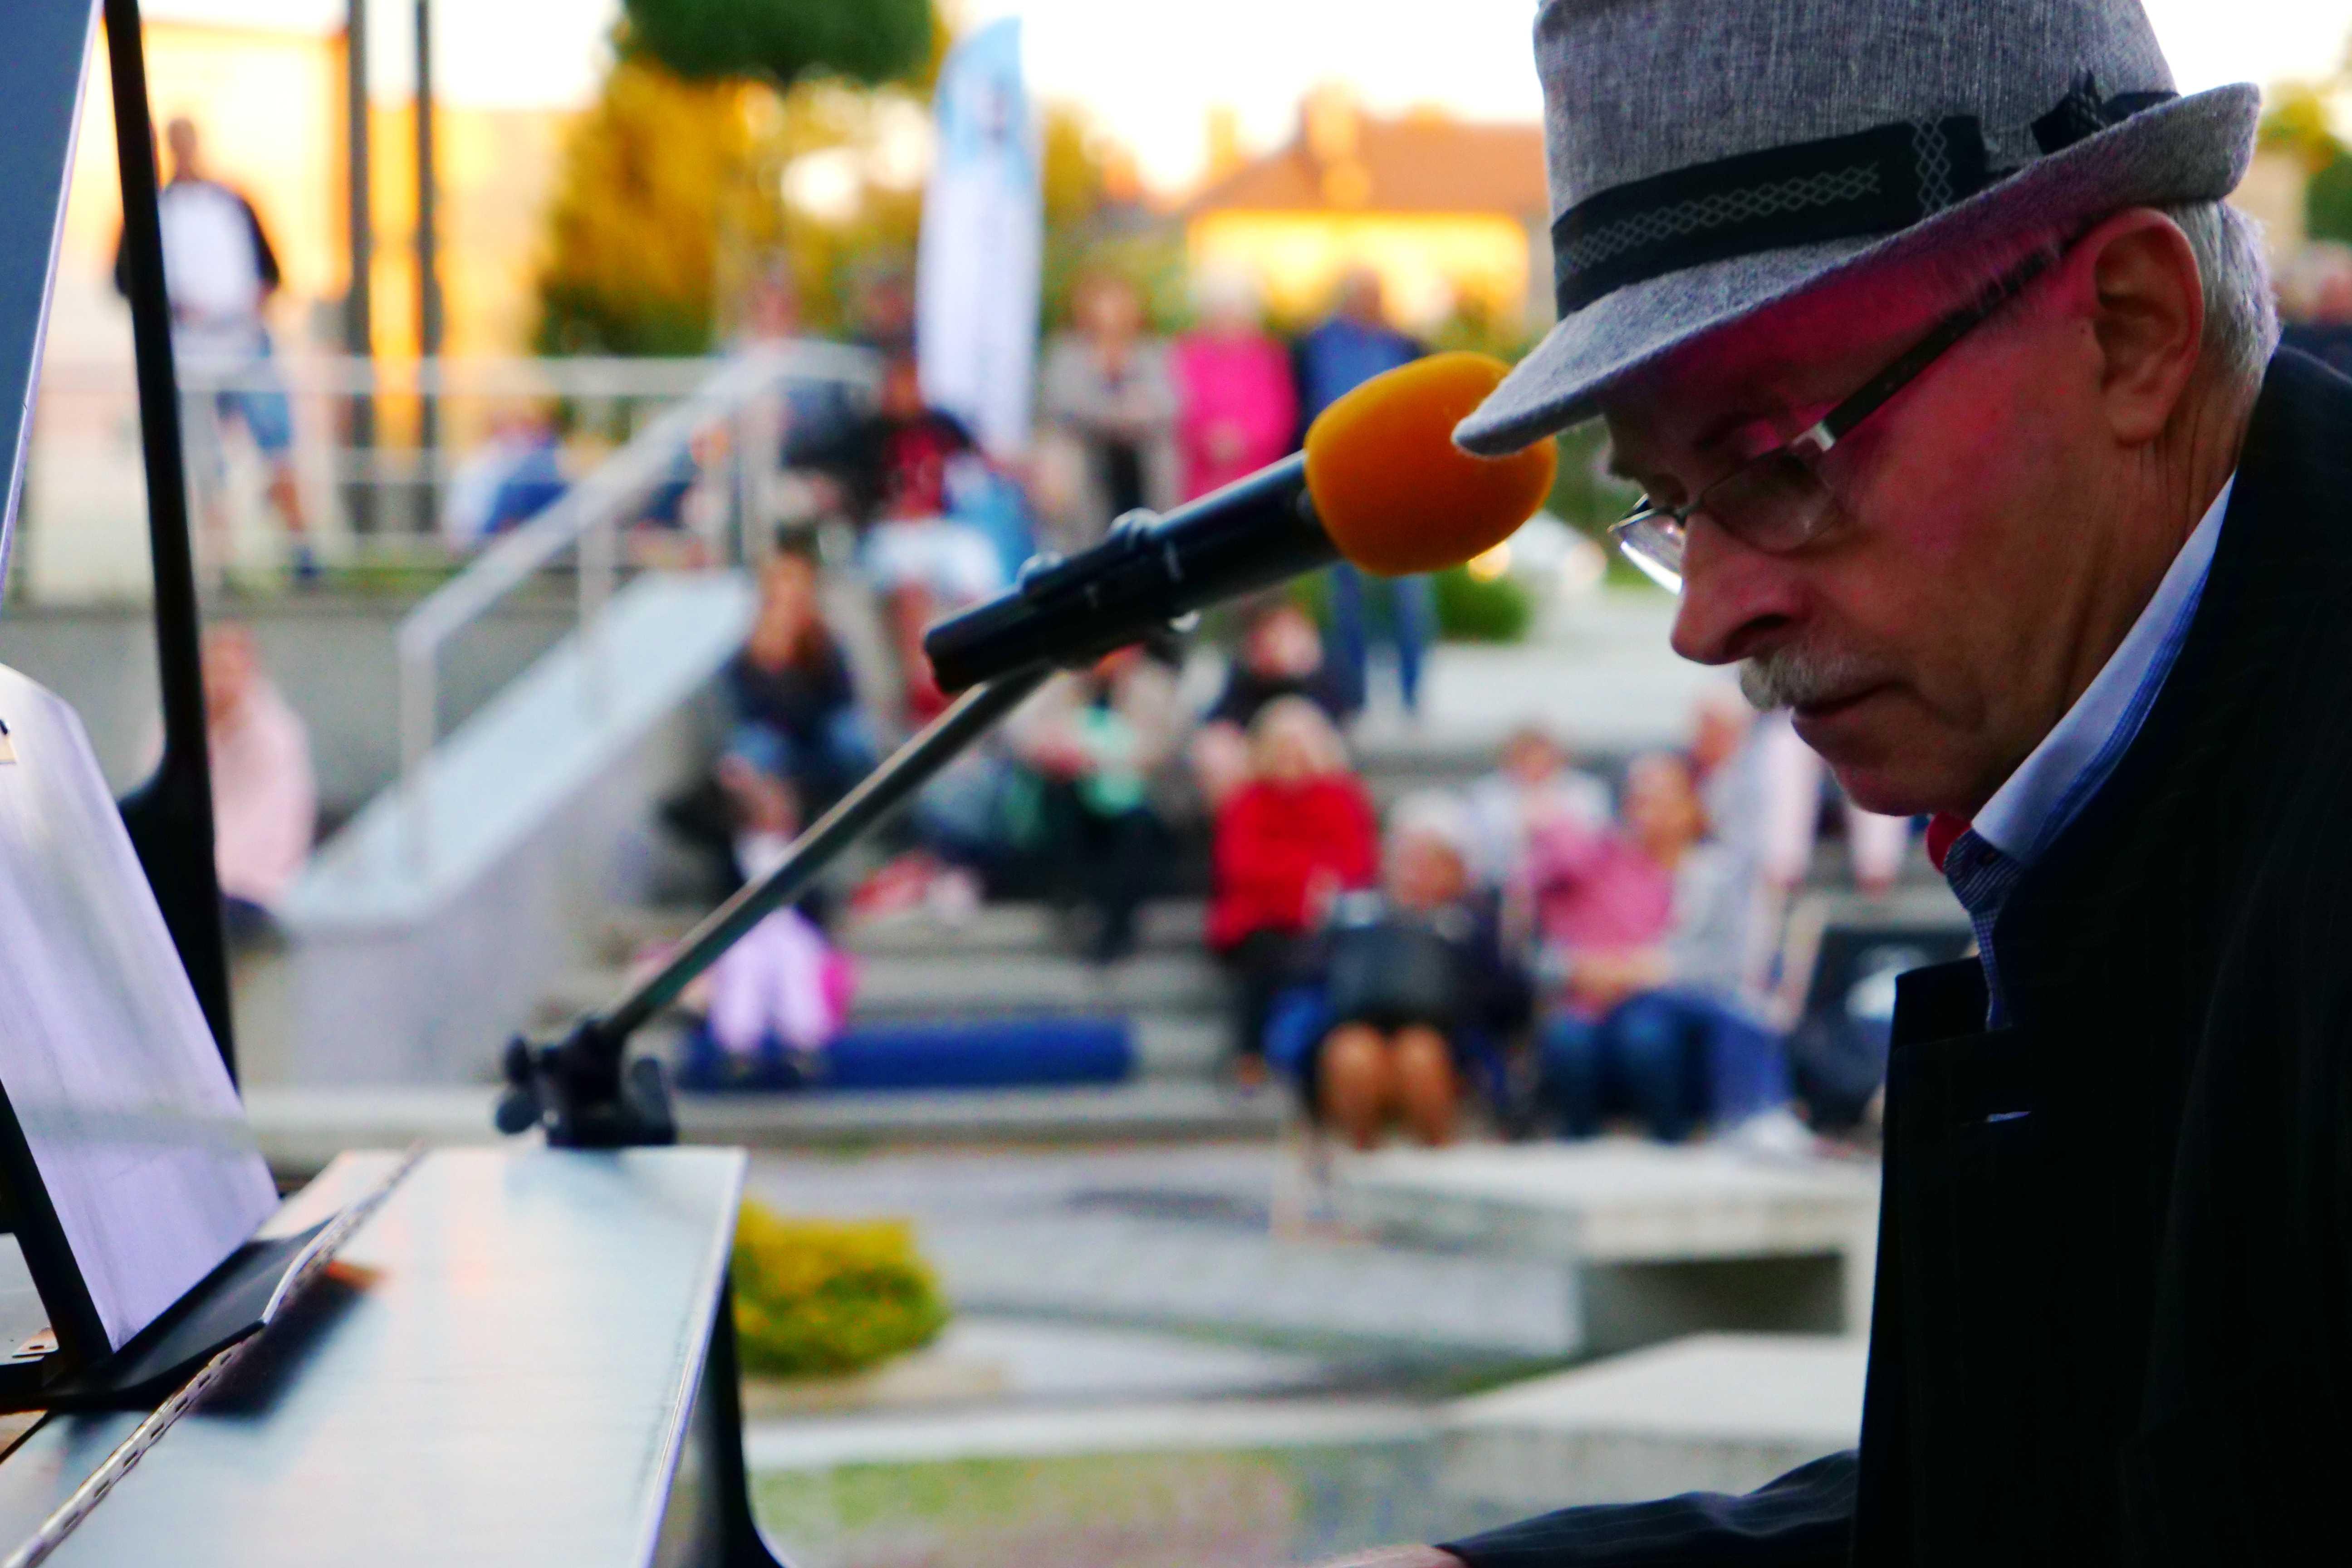 Pianista Leszek Czarnecki oraz publiczność podczas Wieczorku Muzycznego w Parku Miejskim, MOK Wojkowice